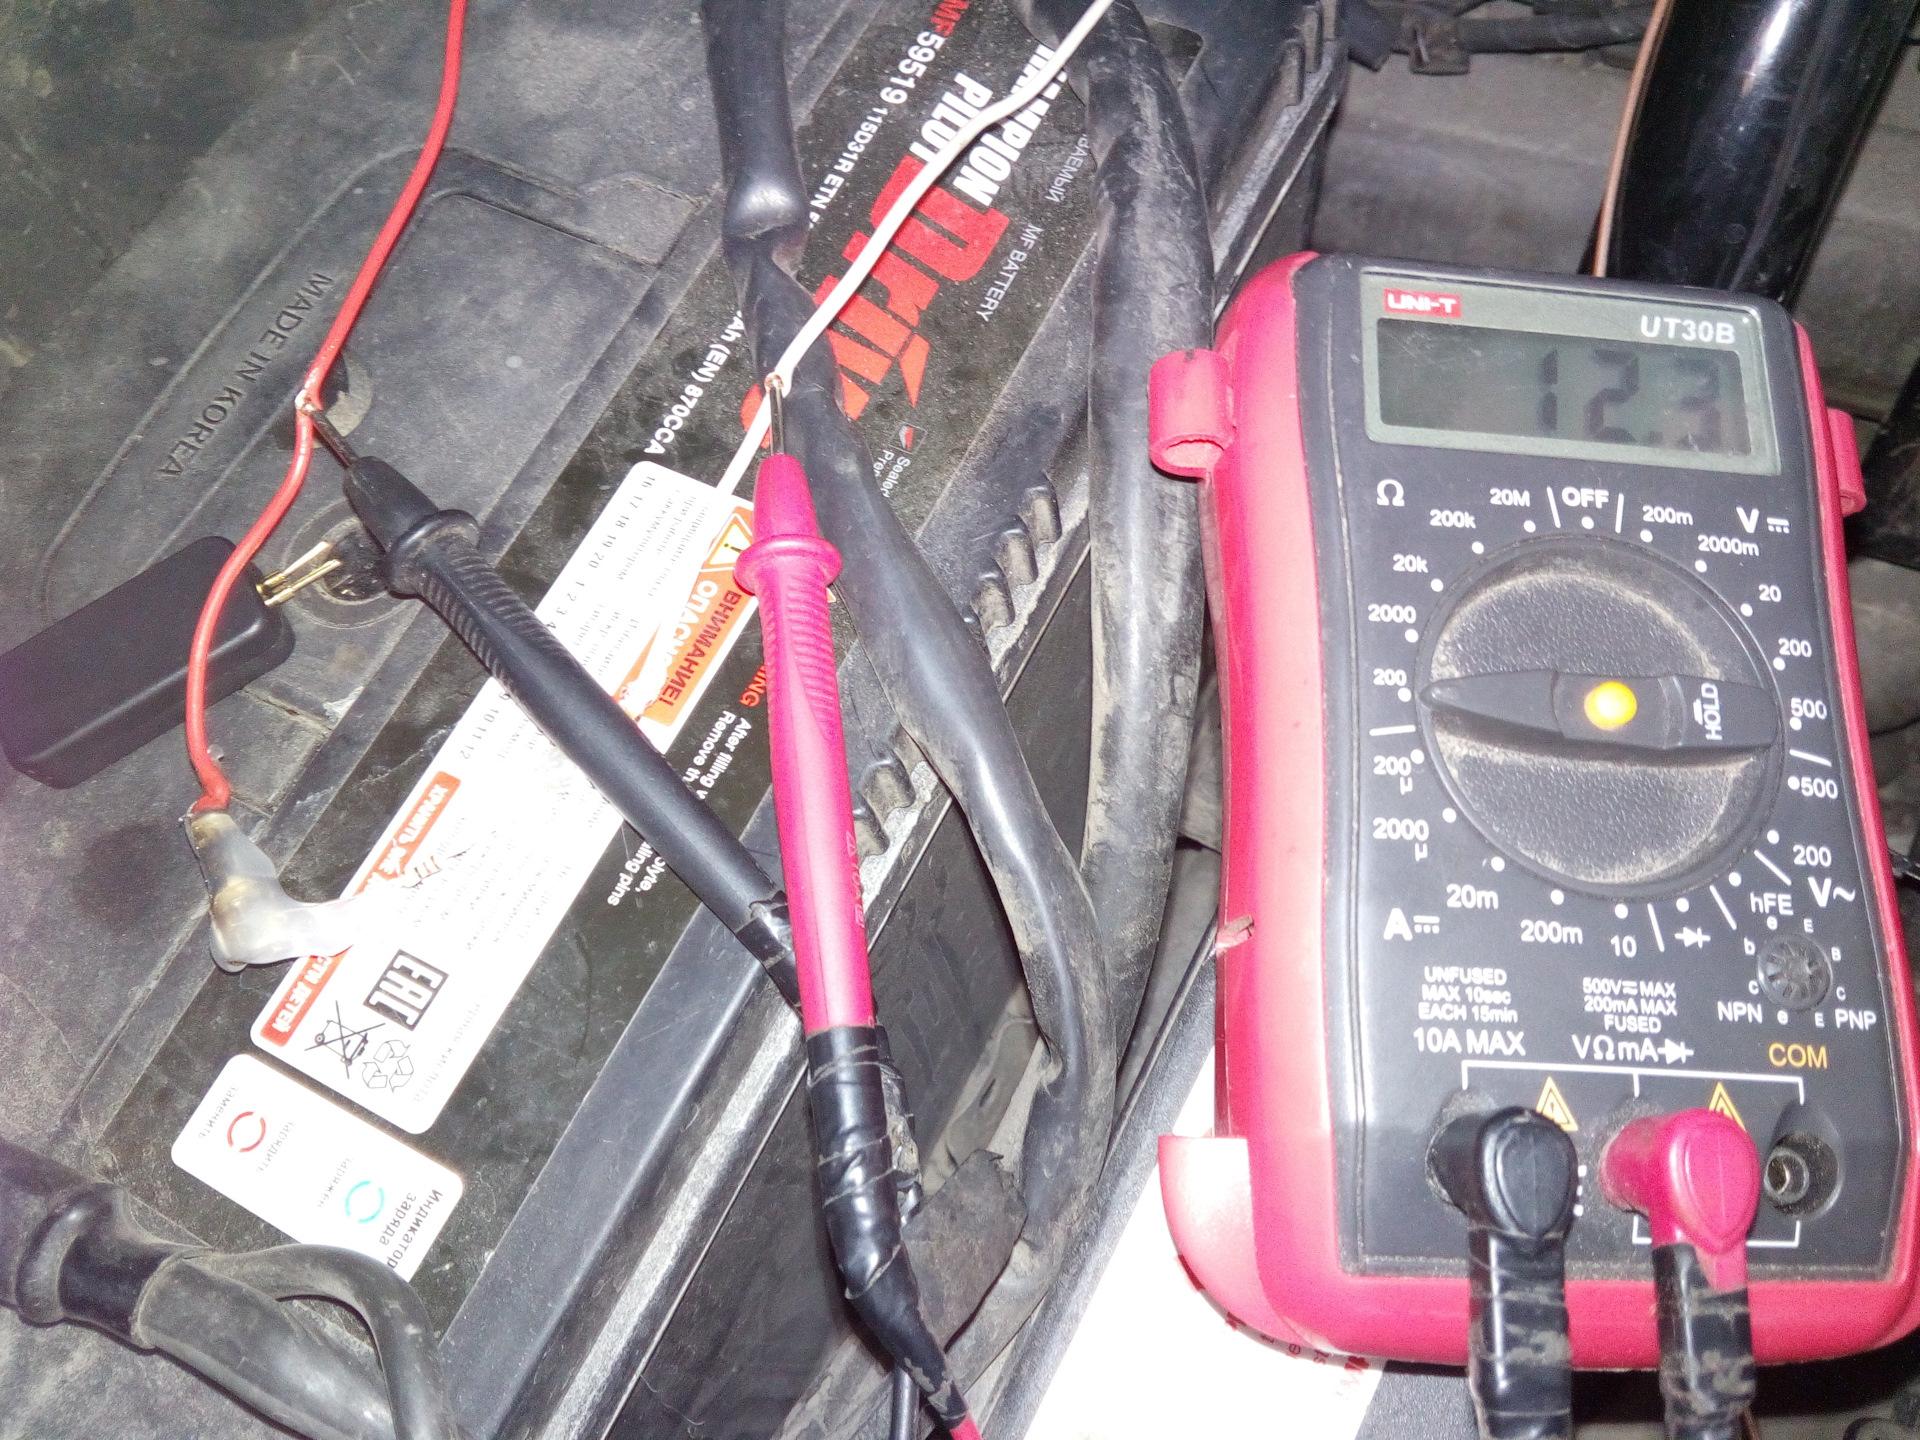 Ошибка p0037, p0038 на xl7 пытаемся лечить  — Suzuki Vitara XL7, 2 7